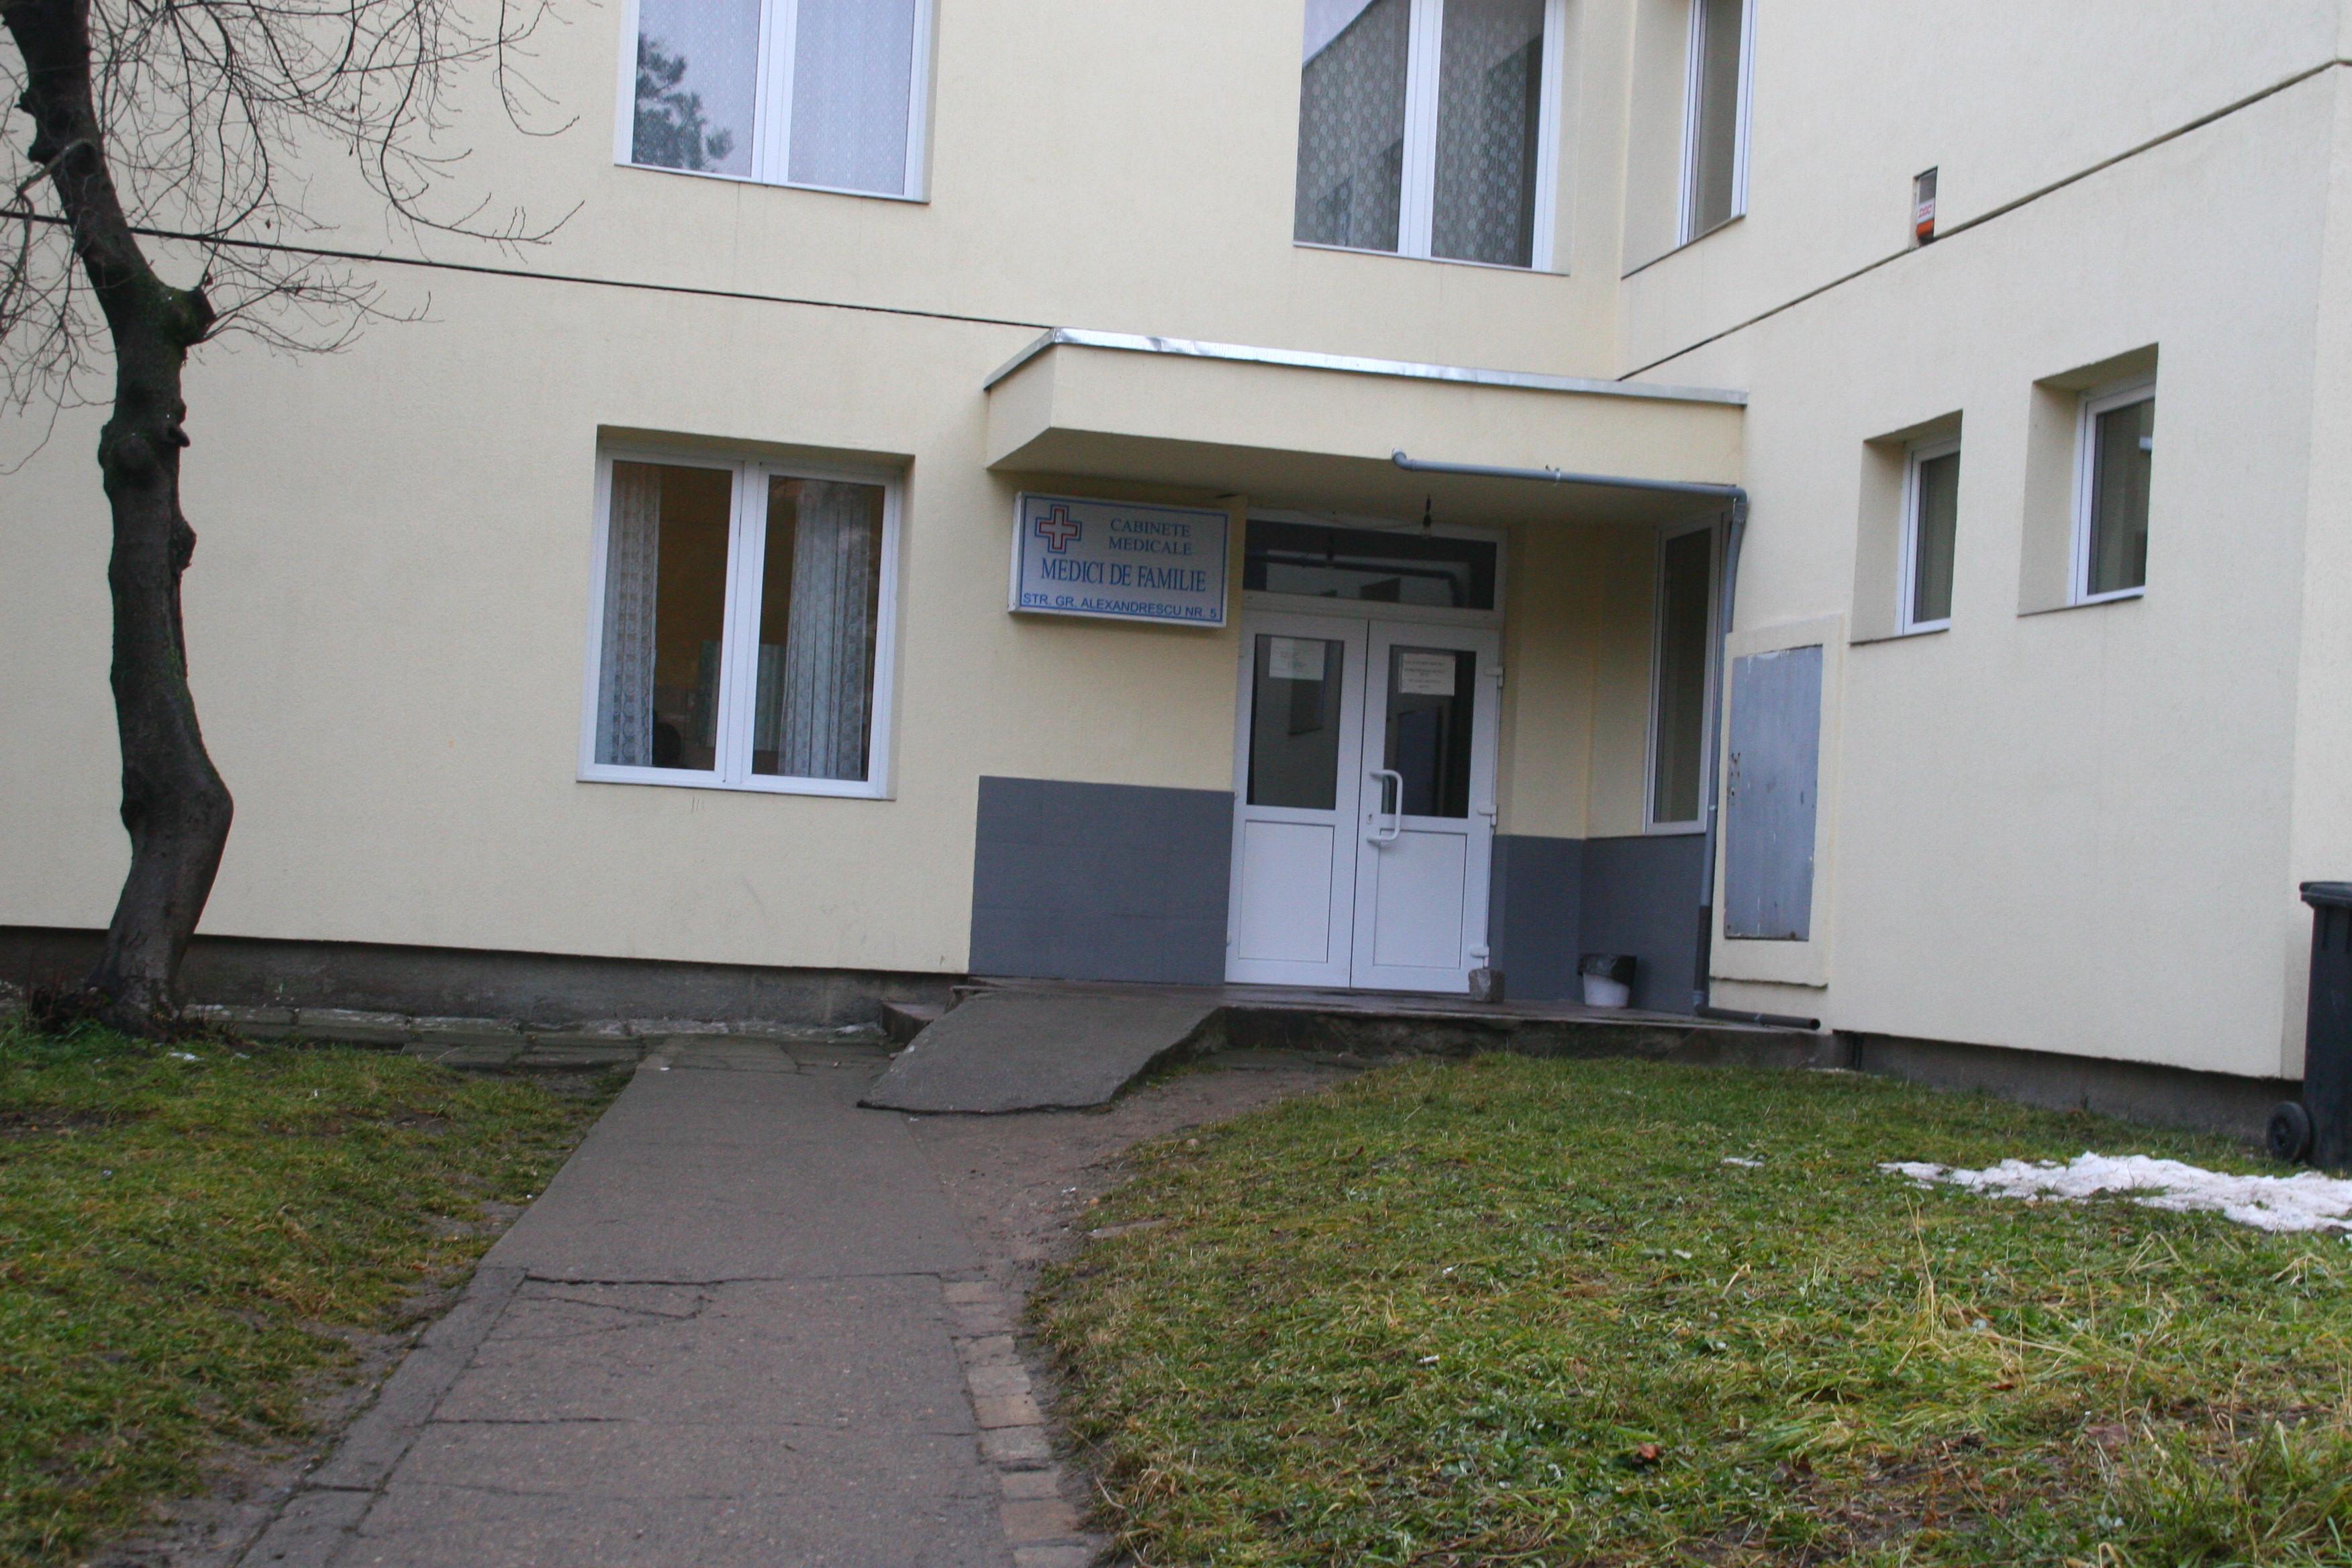 Consiliul Judeţean Cluj vinde 47 de cabinete medicale/ foto Dan Bodea